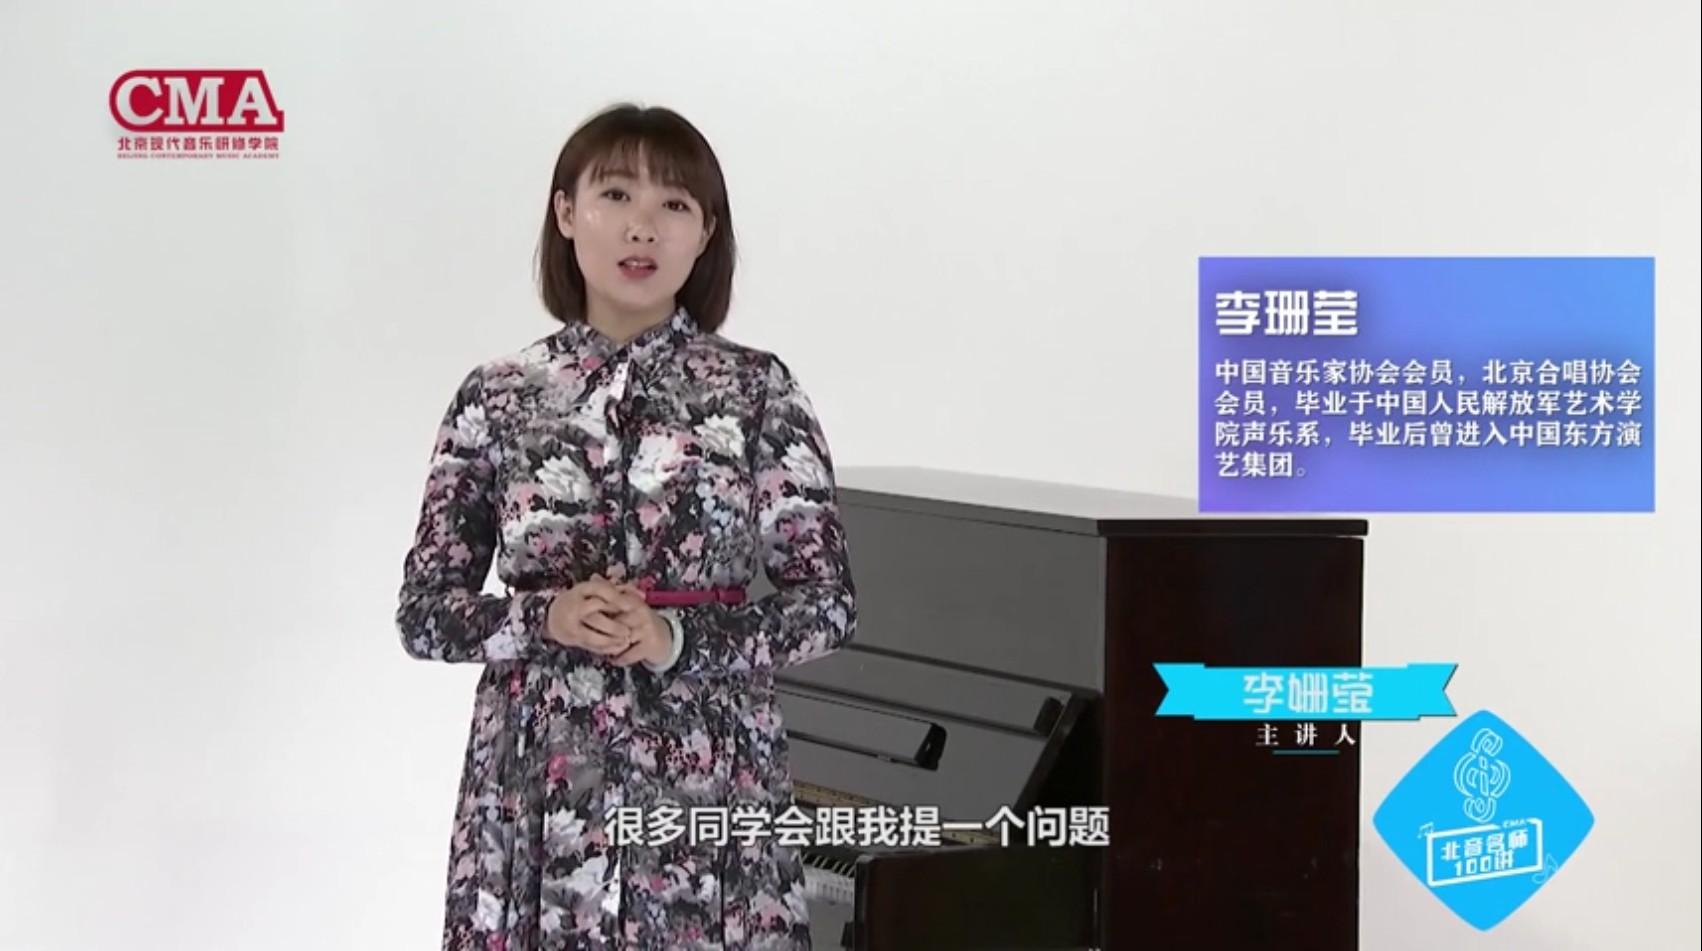 【澳门赌钱官网名师100讲】李珊莹:随着声音强弱的变化可以增强情感的抒发